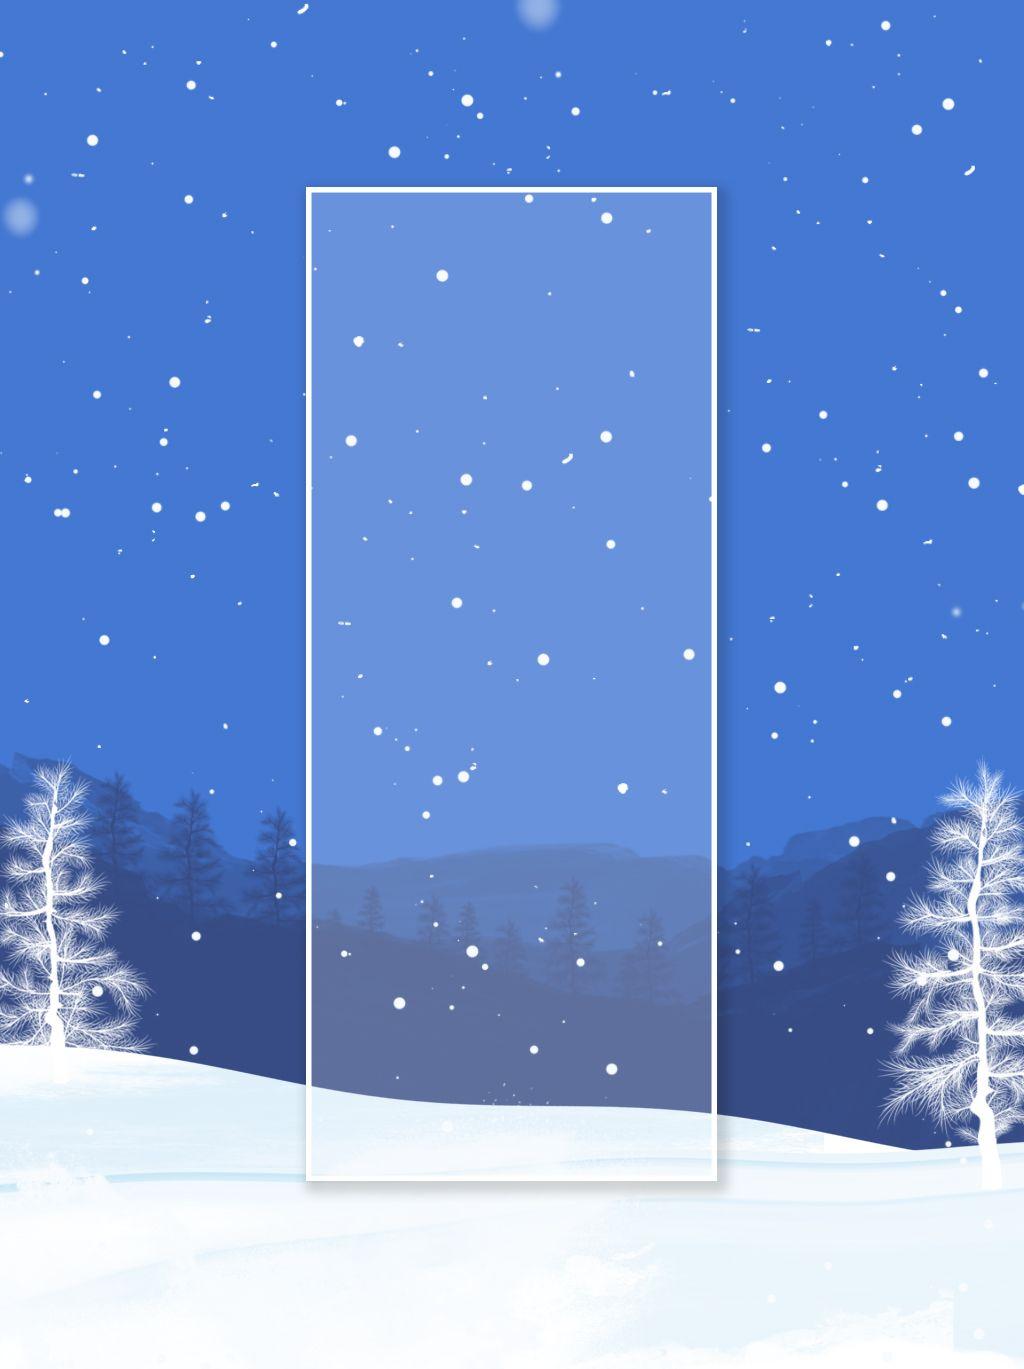 الشتاء الكامل مرسومة باليد مشهد الثلج خلفية ثلجي Snow Scenes Art How To Draw Hands